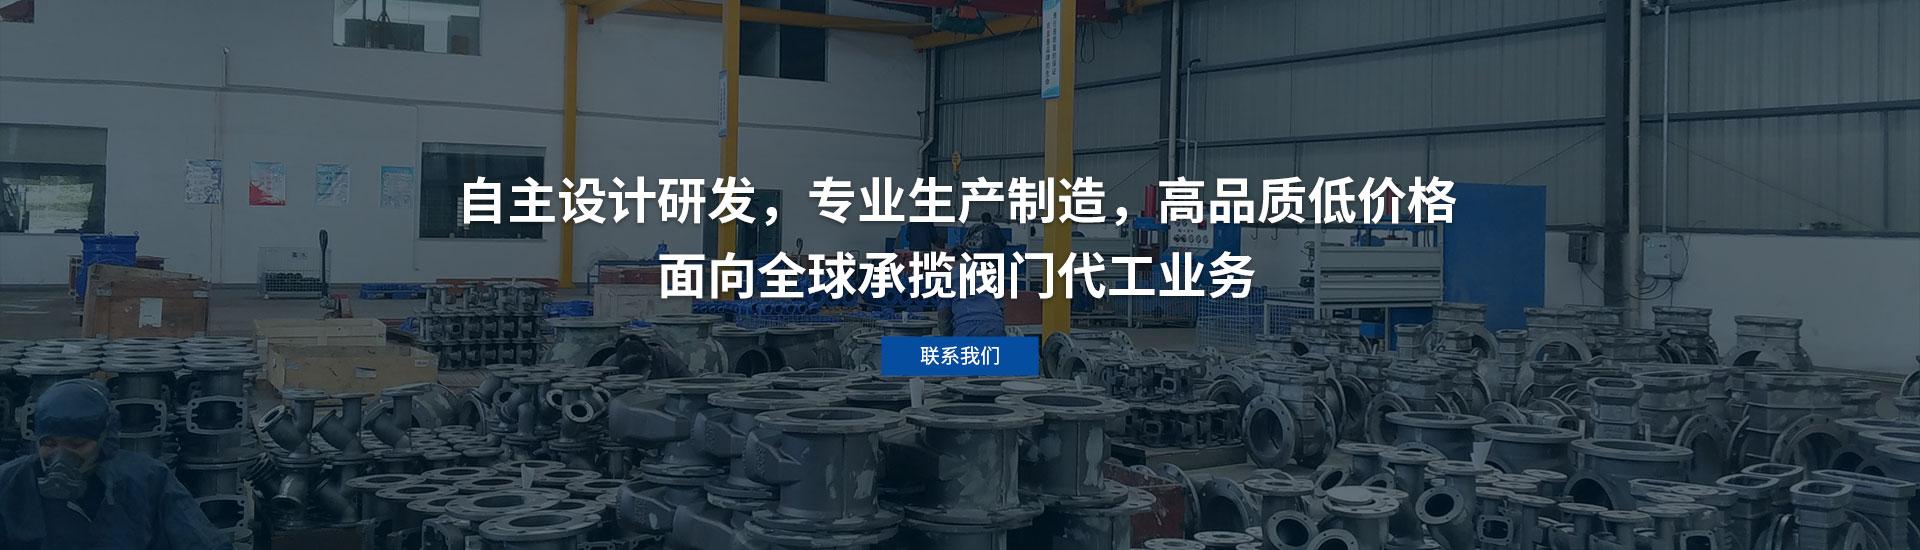 安徽富水流体科技有限公司